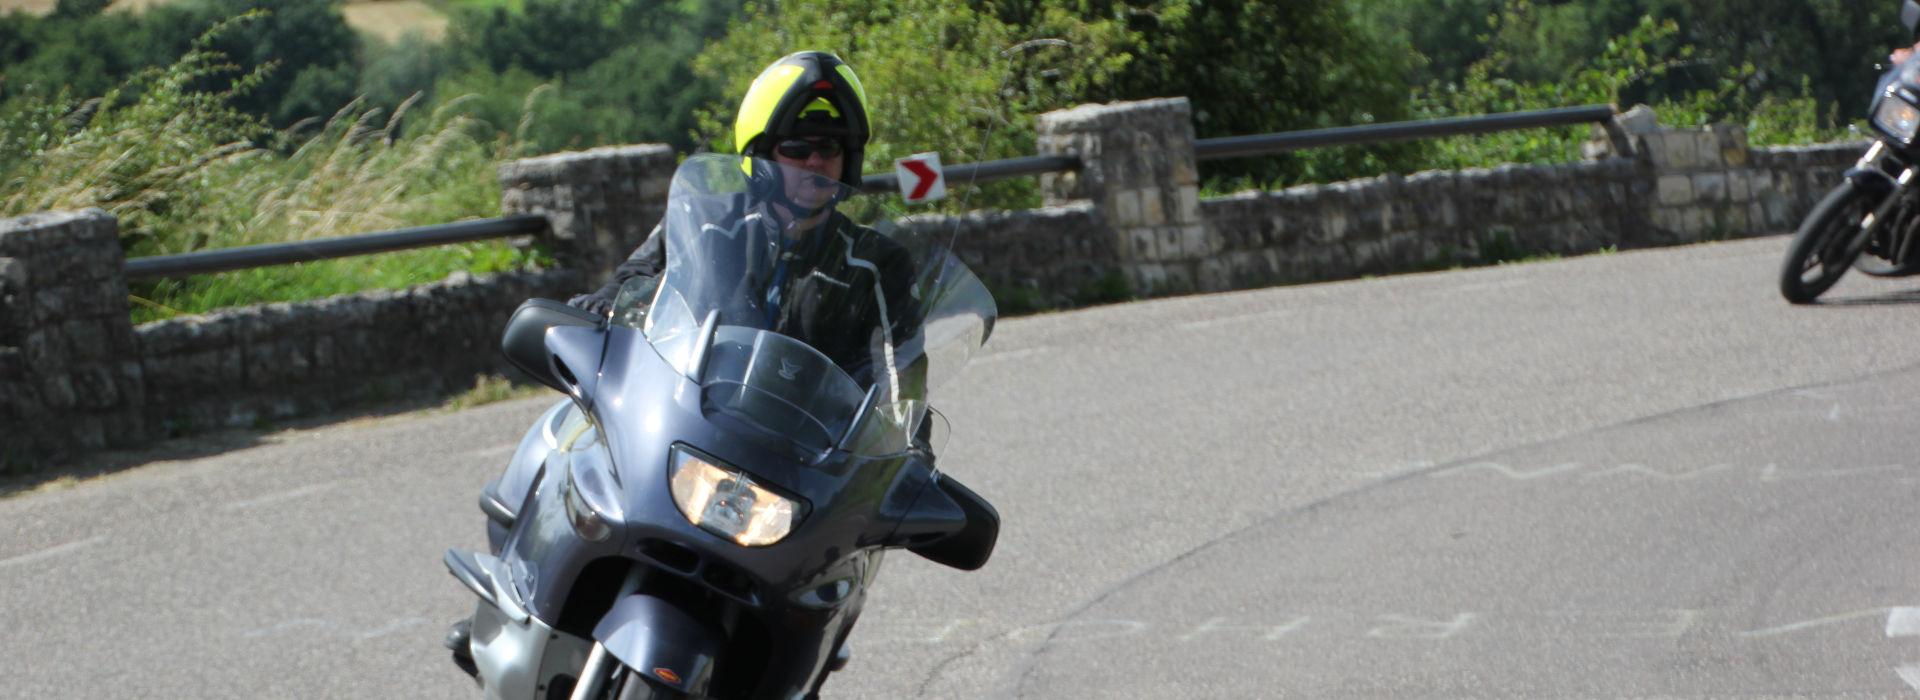 Motorrijschool Motorrijbewijspoint Enkhuizen motorrijlessen